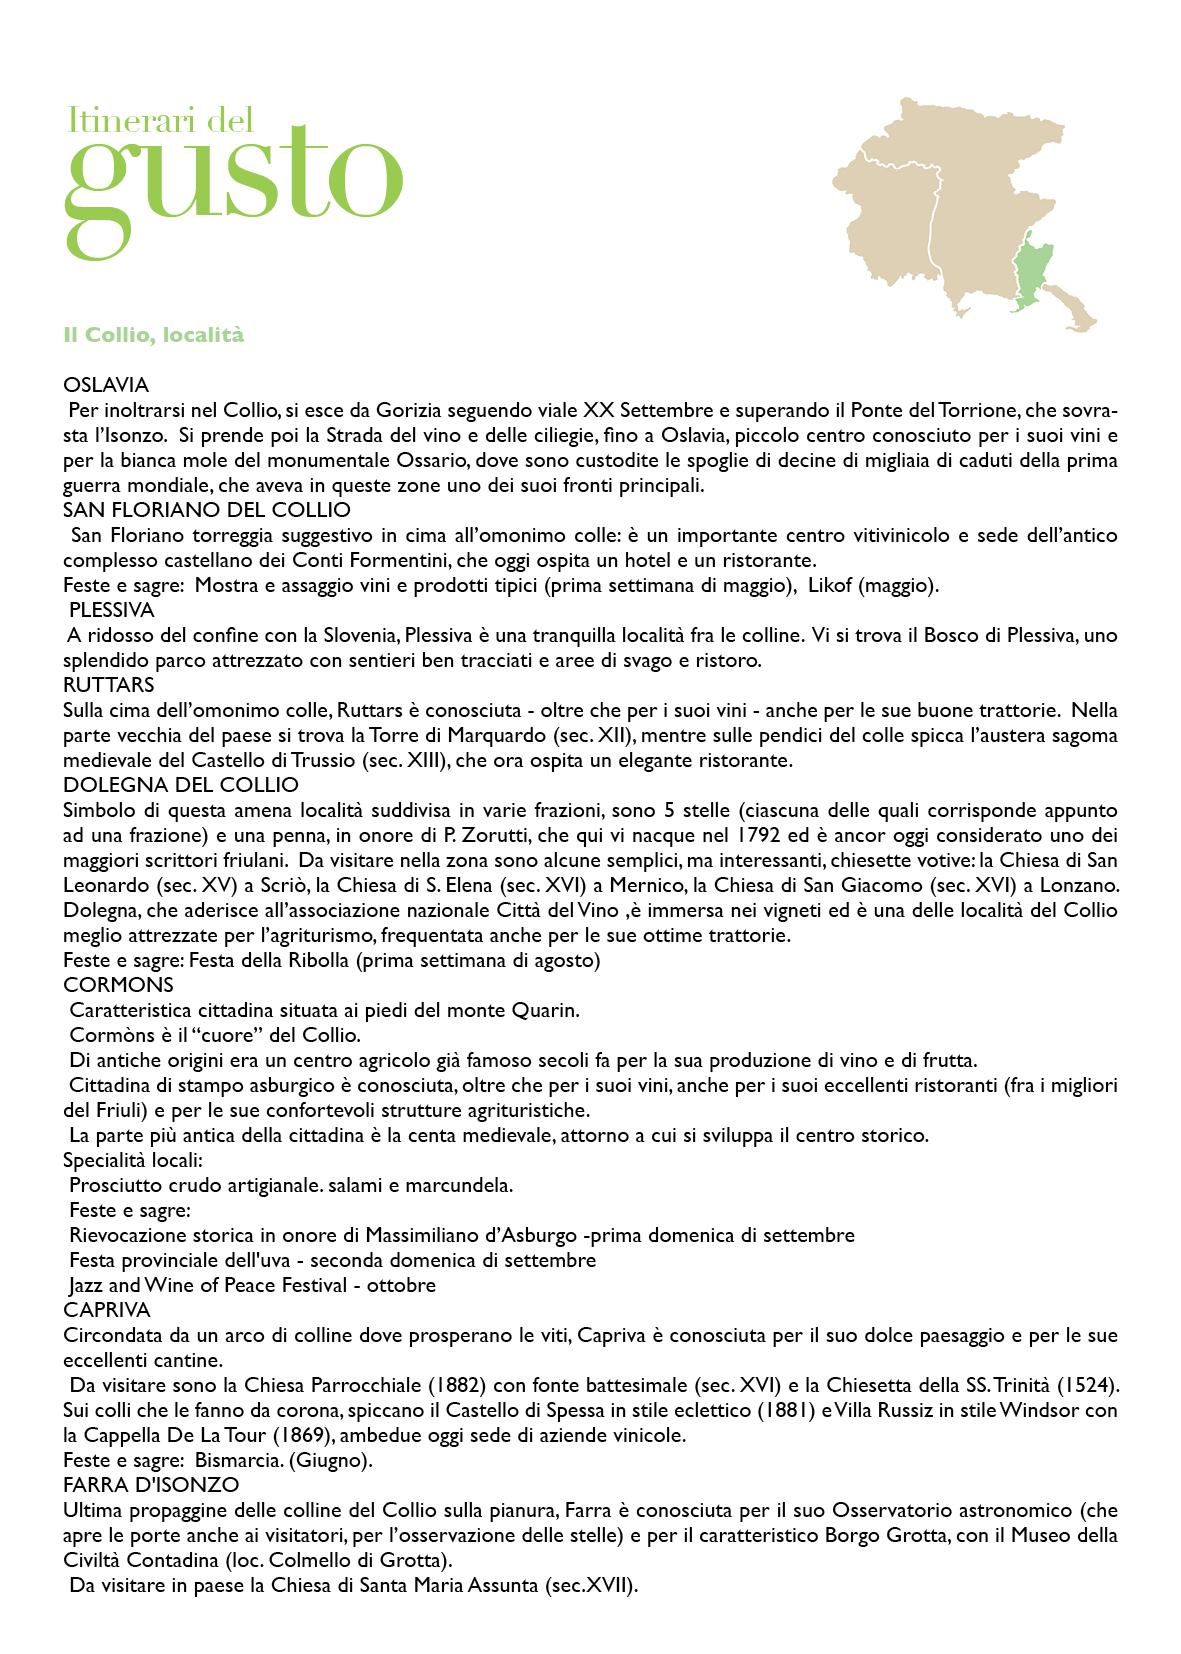 ITINERARI DEL GUSTO 2018-19 pagine singole54